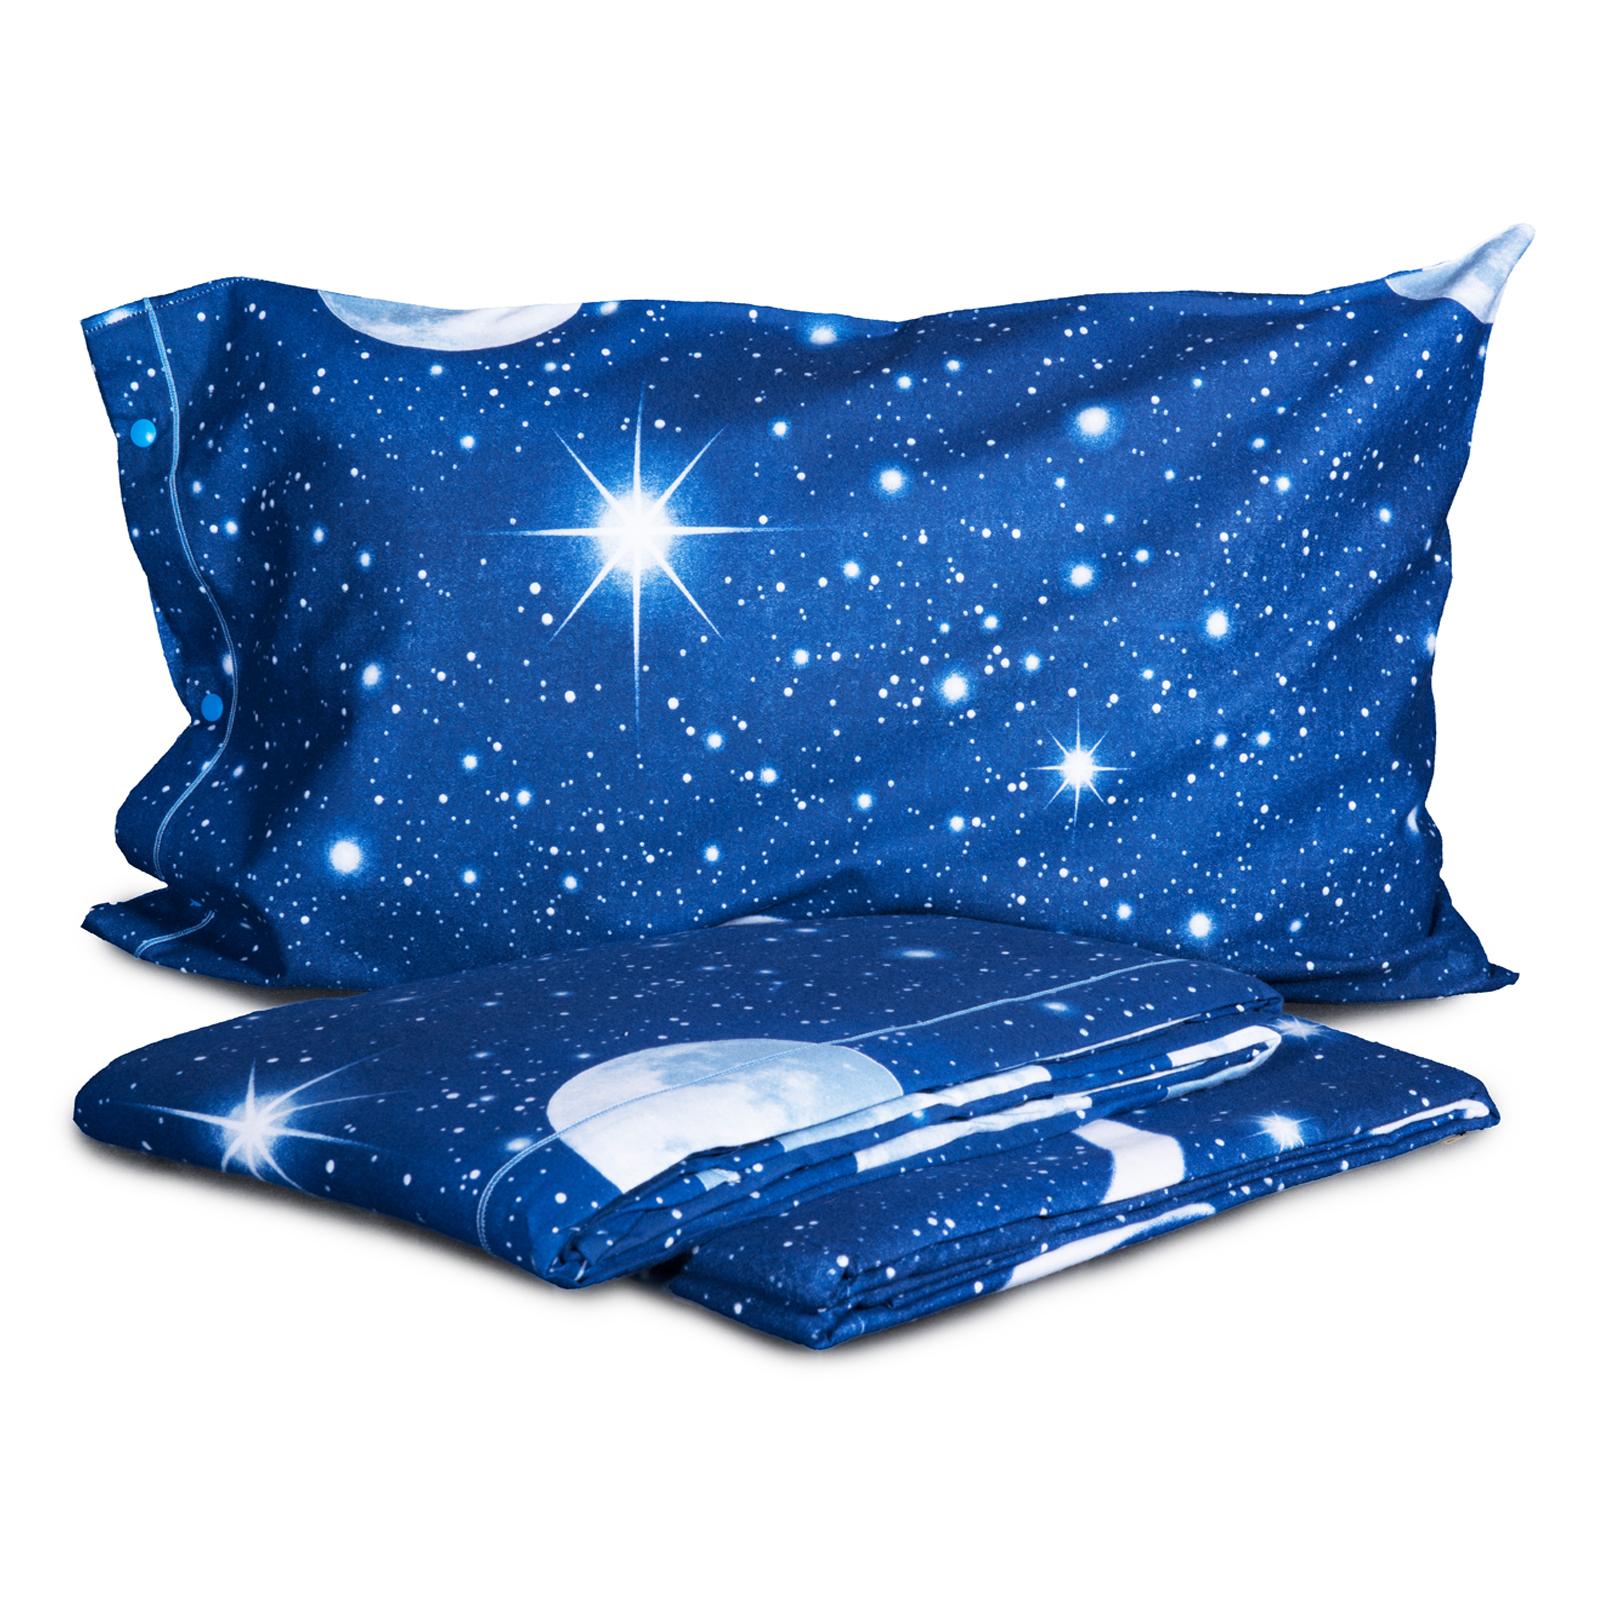 Stoffa Di Flanella Per Lenzuola completo lenzuola in flanella di puro cotone cielo stellato